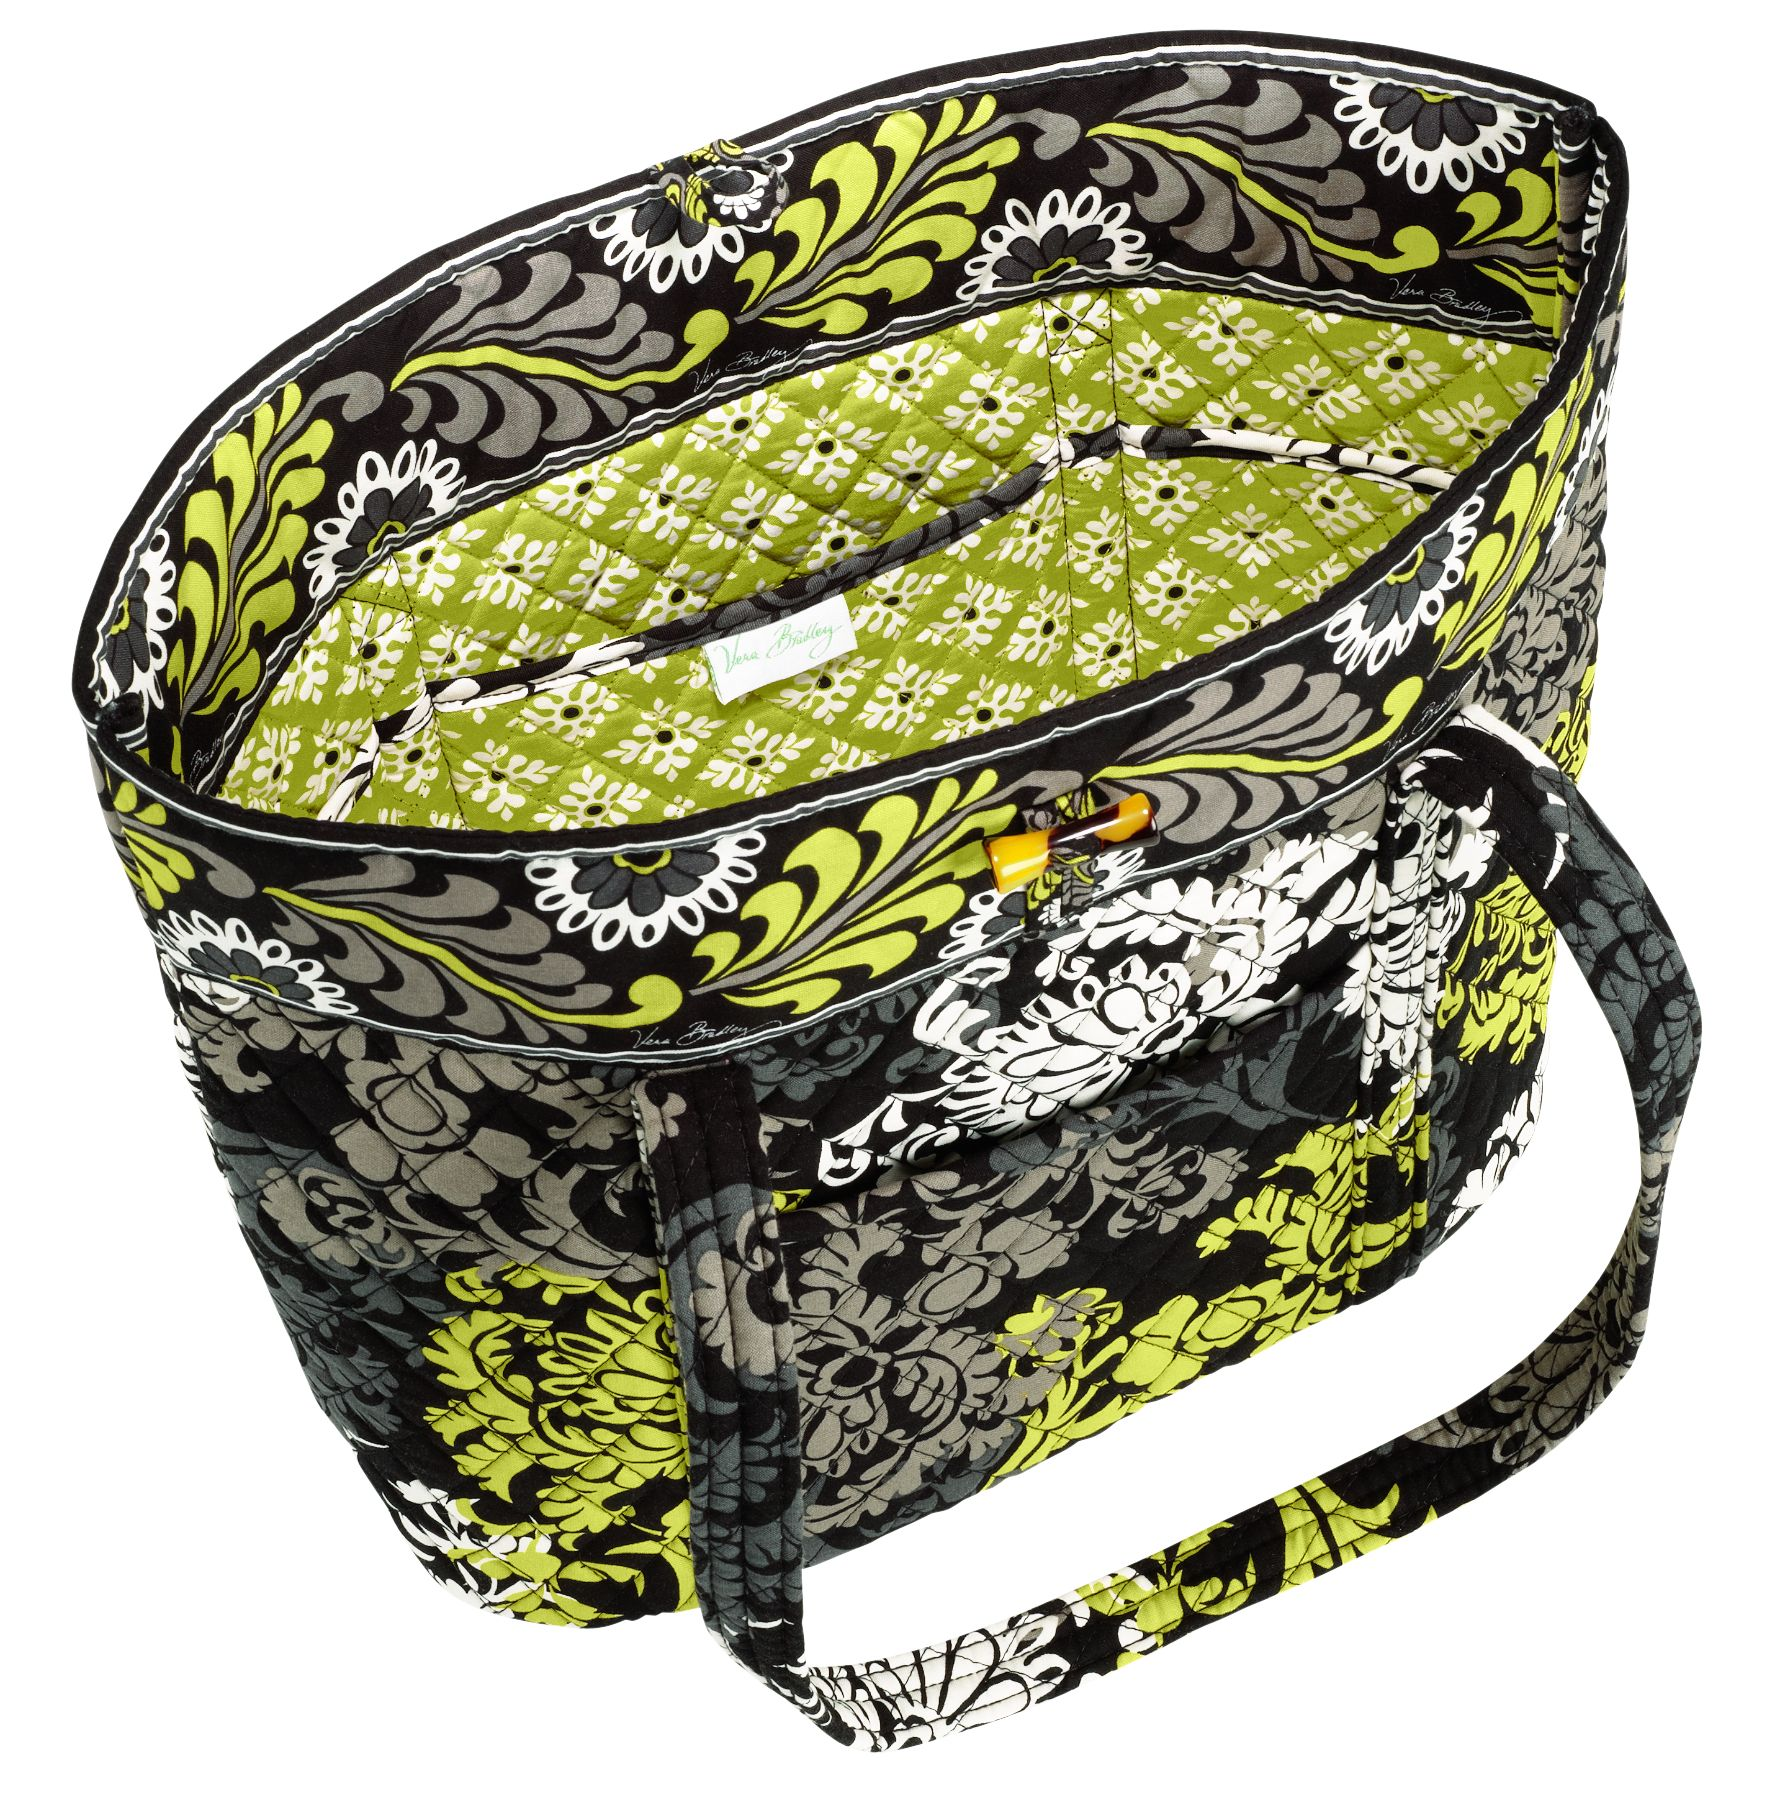 Vera Bradley Vera Tote Bag | eBay